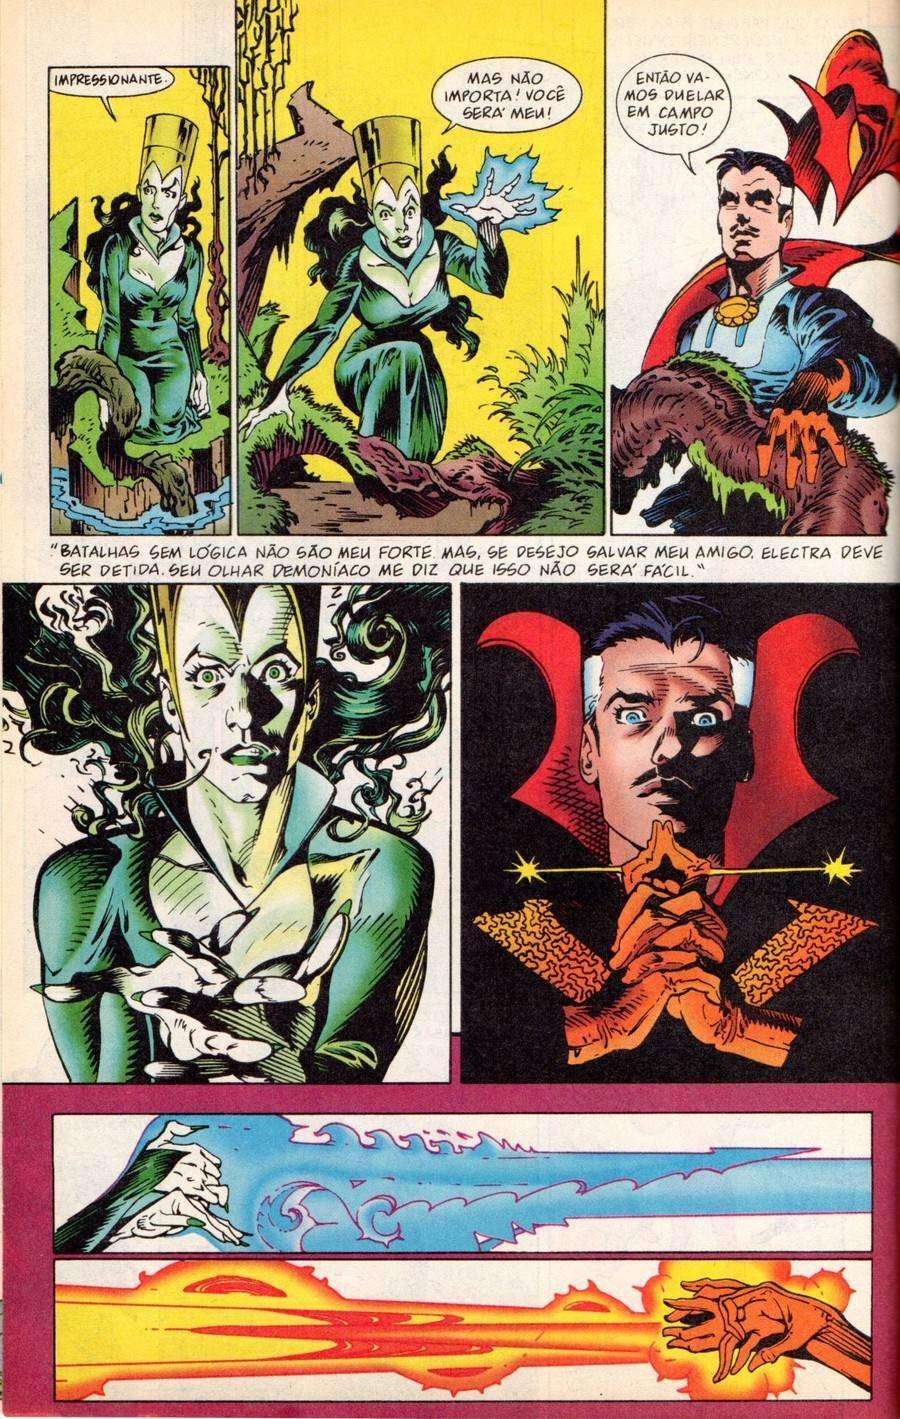 Arte de P. Craig Russell na história redesenhada